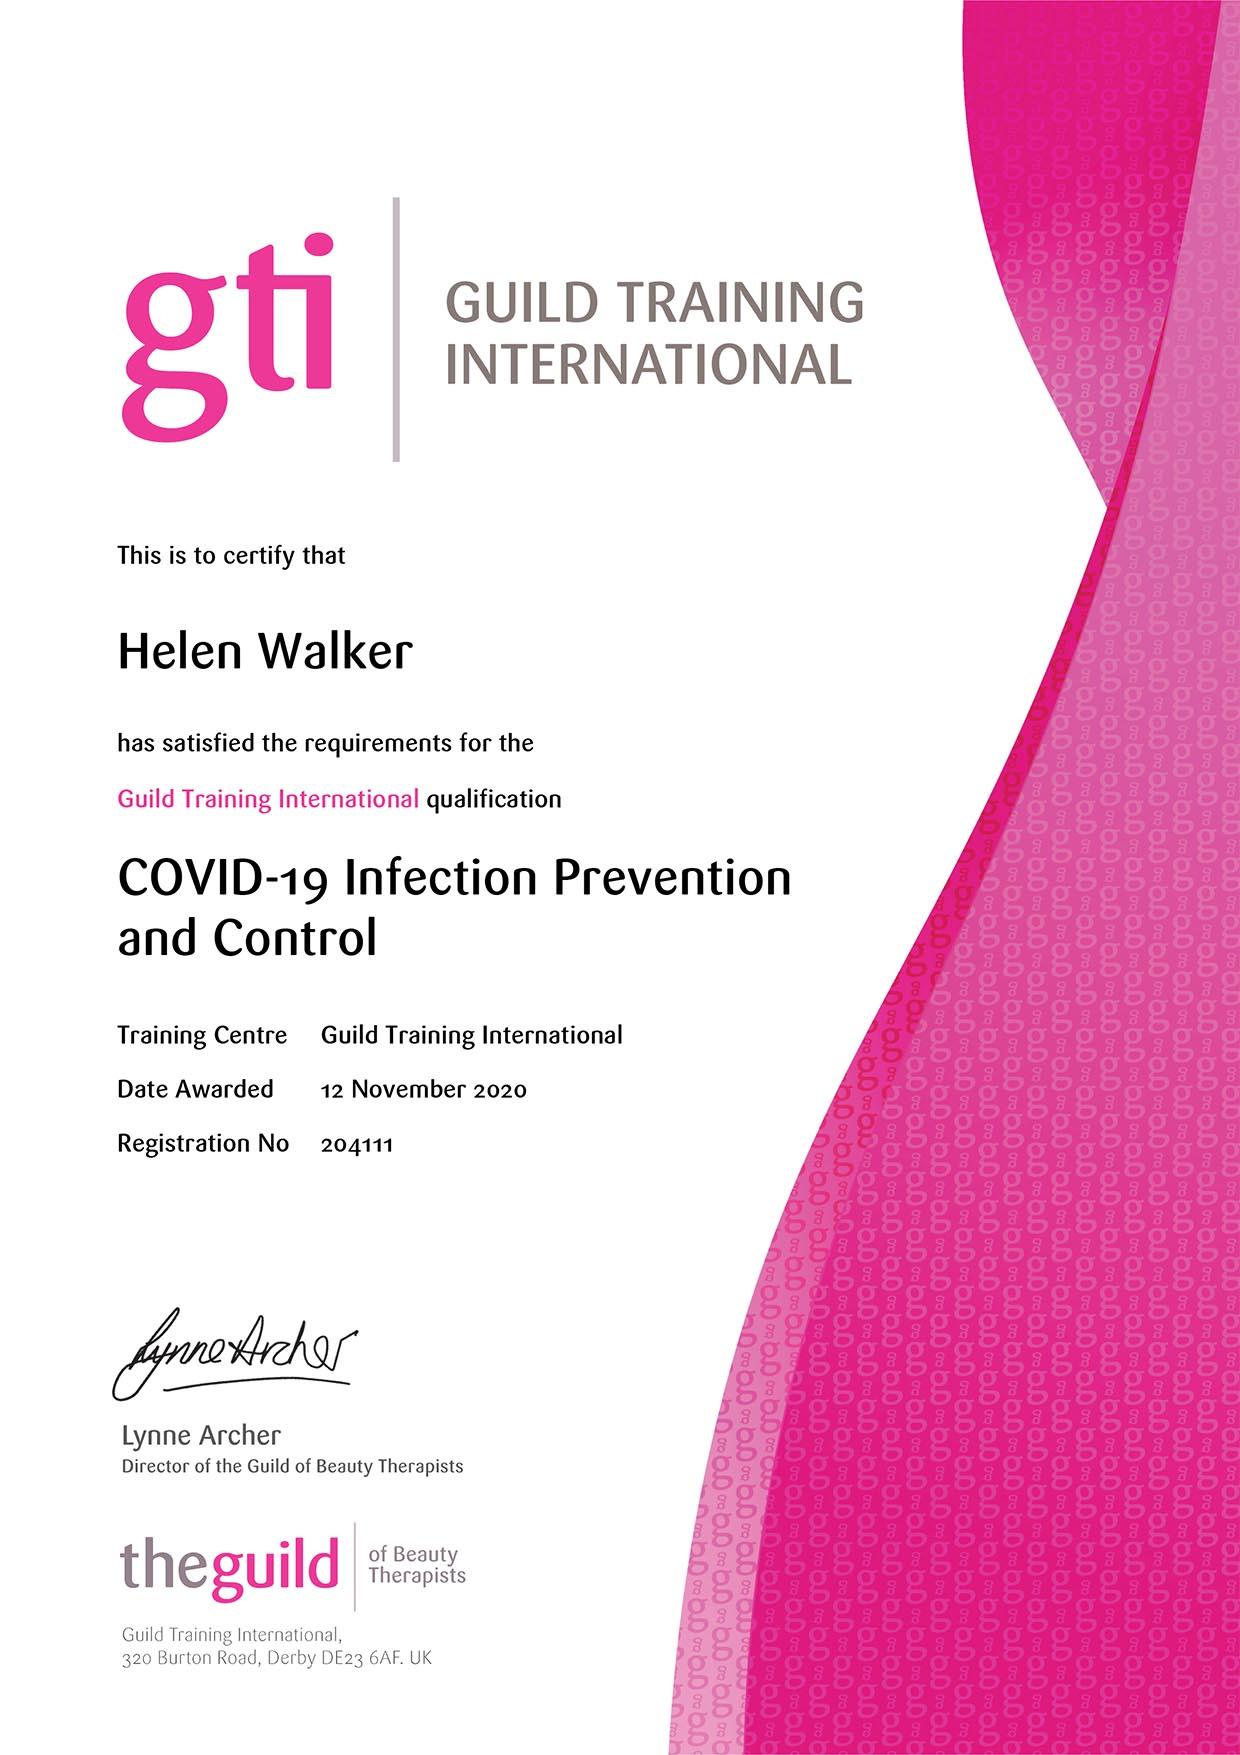 COVID-19 Infection Prevention and Control - MPMU GTi Certificate